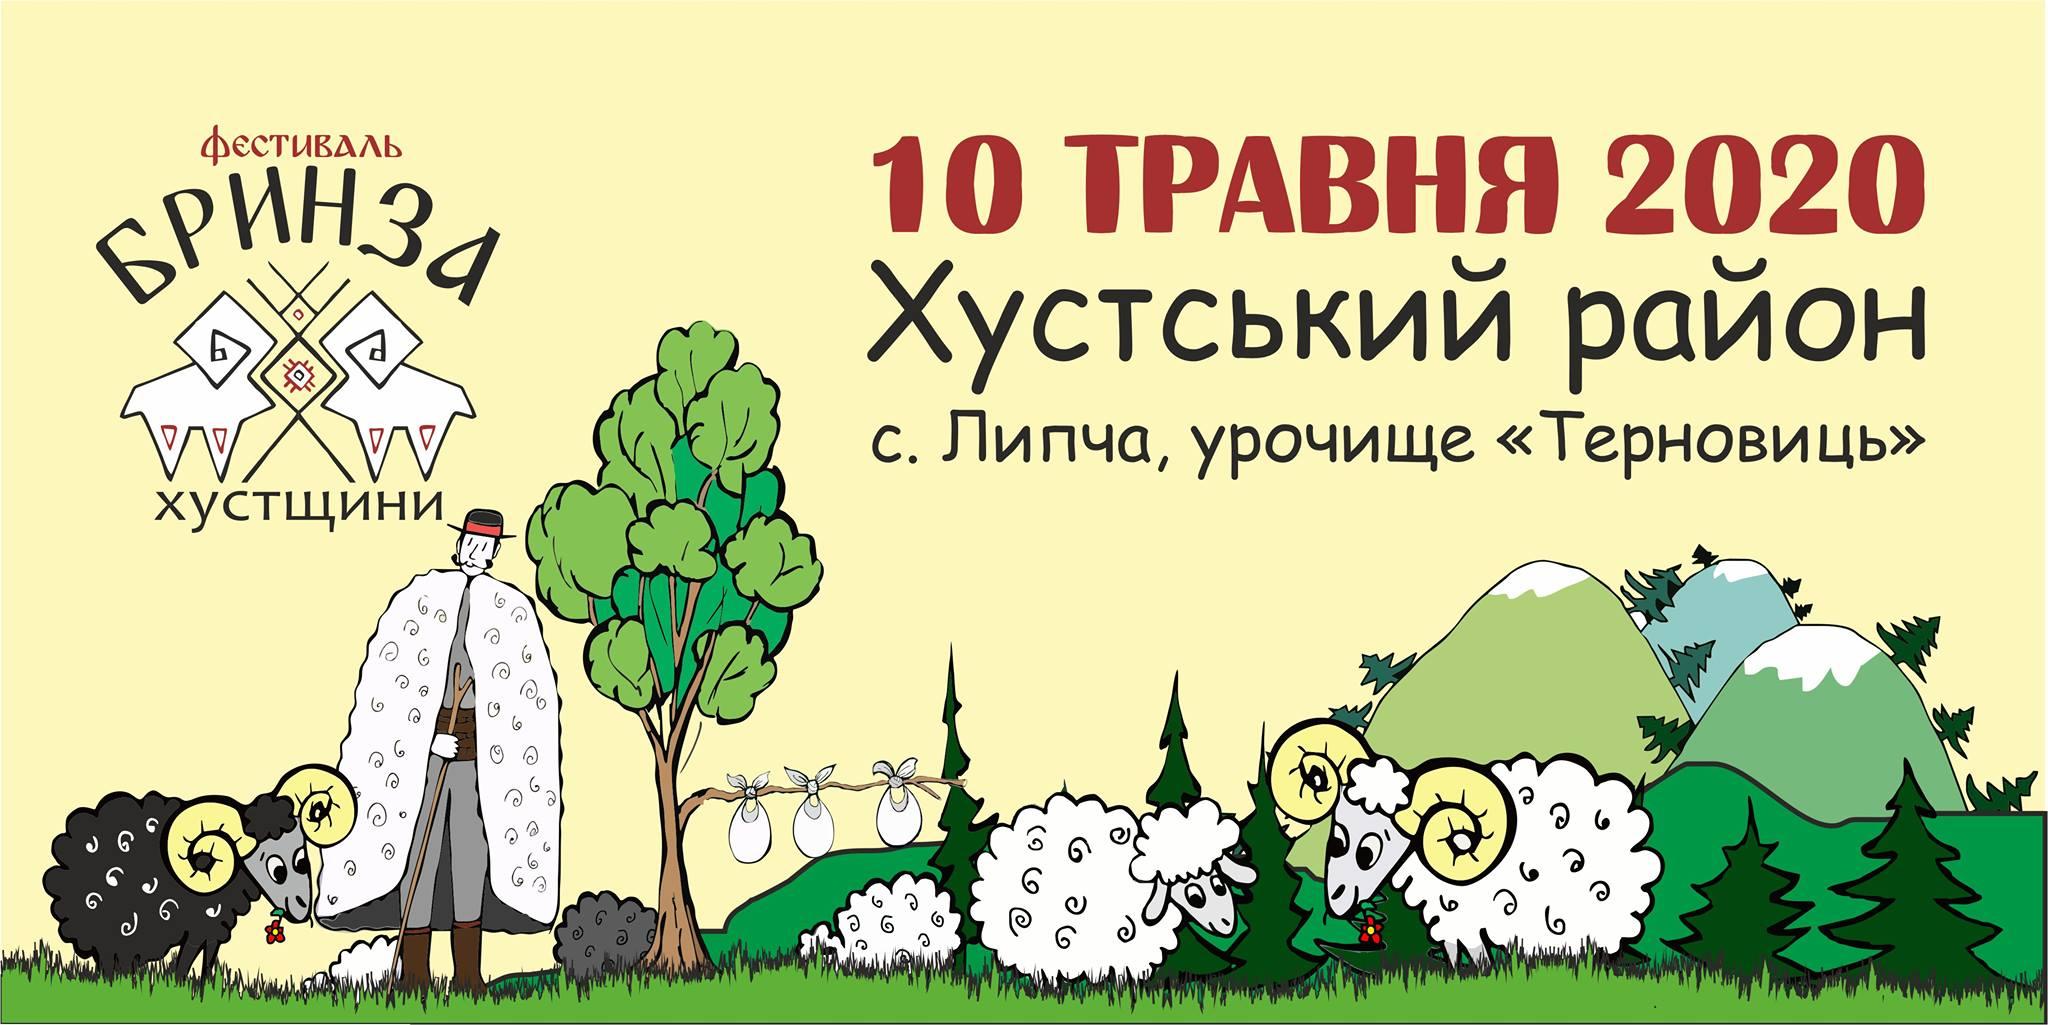 Фестиваль Бринза Хустщини 2020 (Програма)